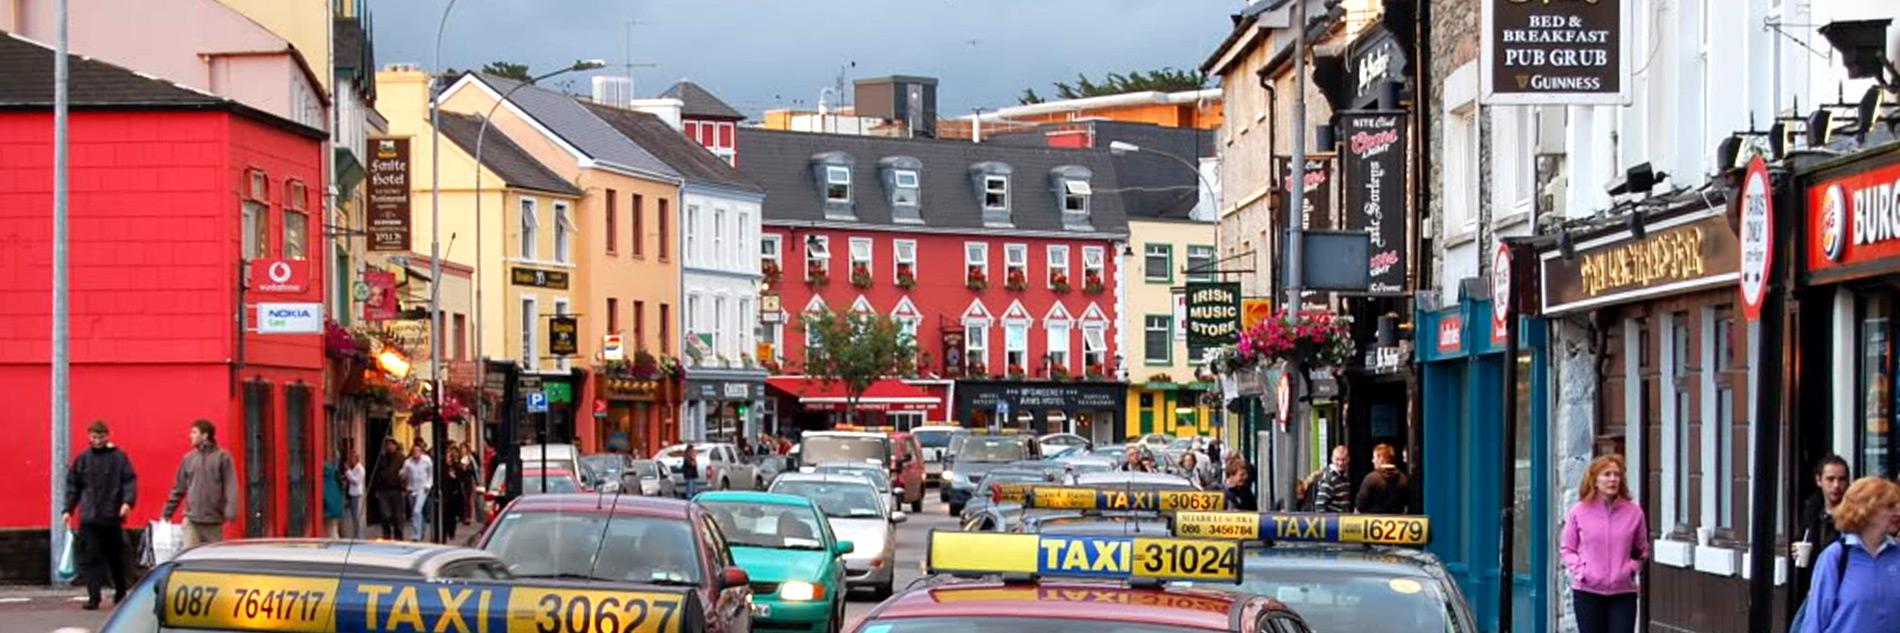 Irlanda - Killarney